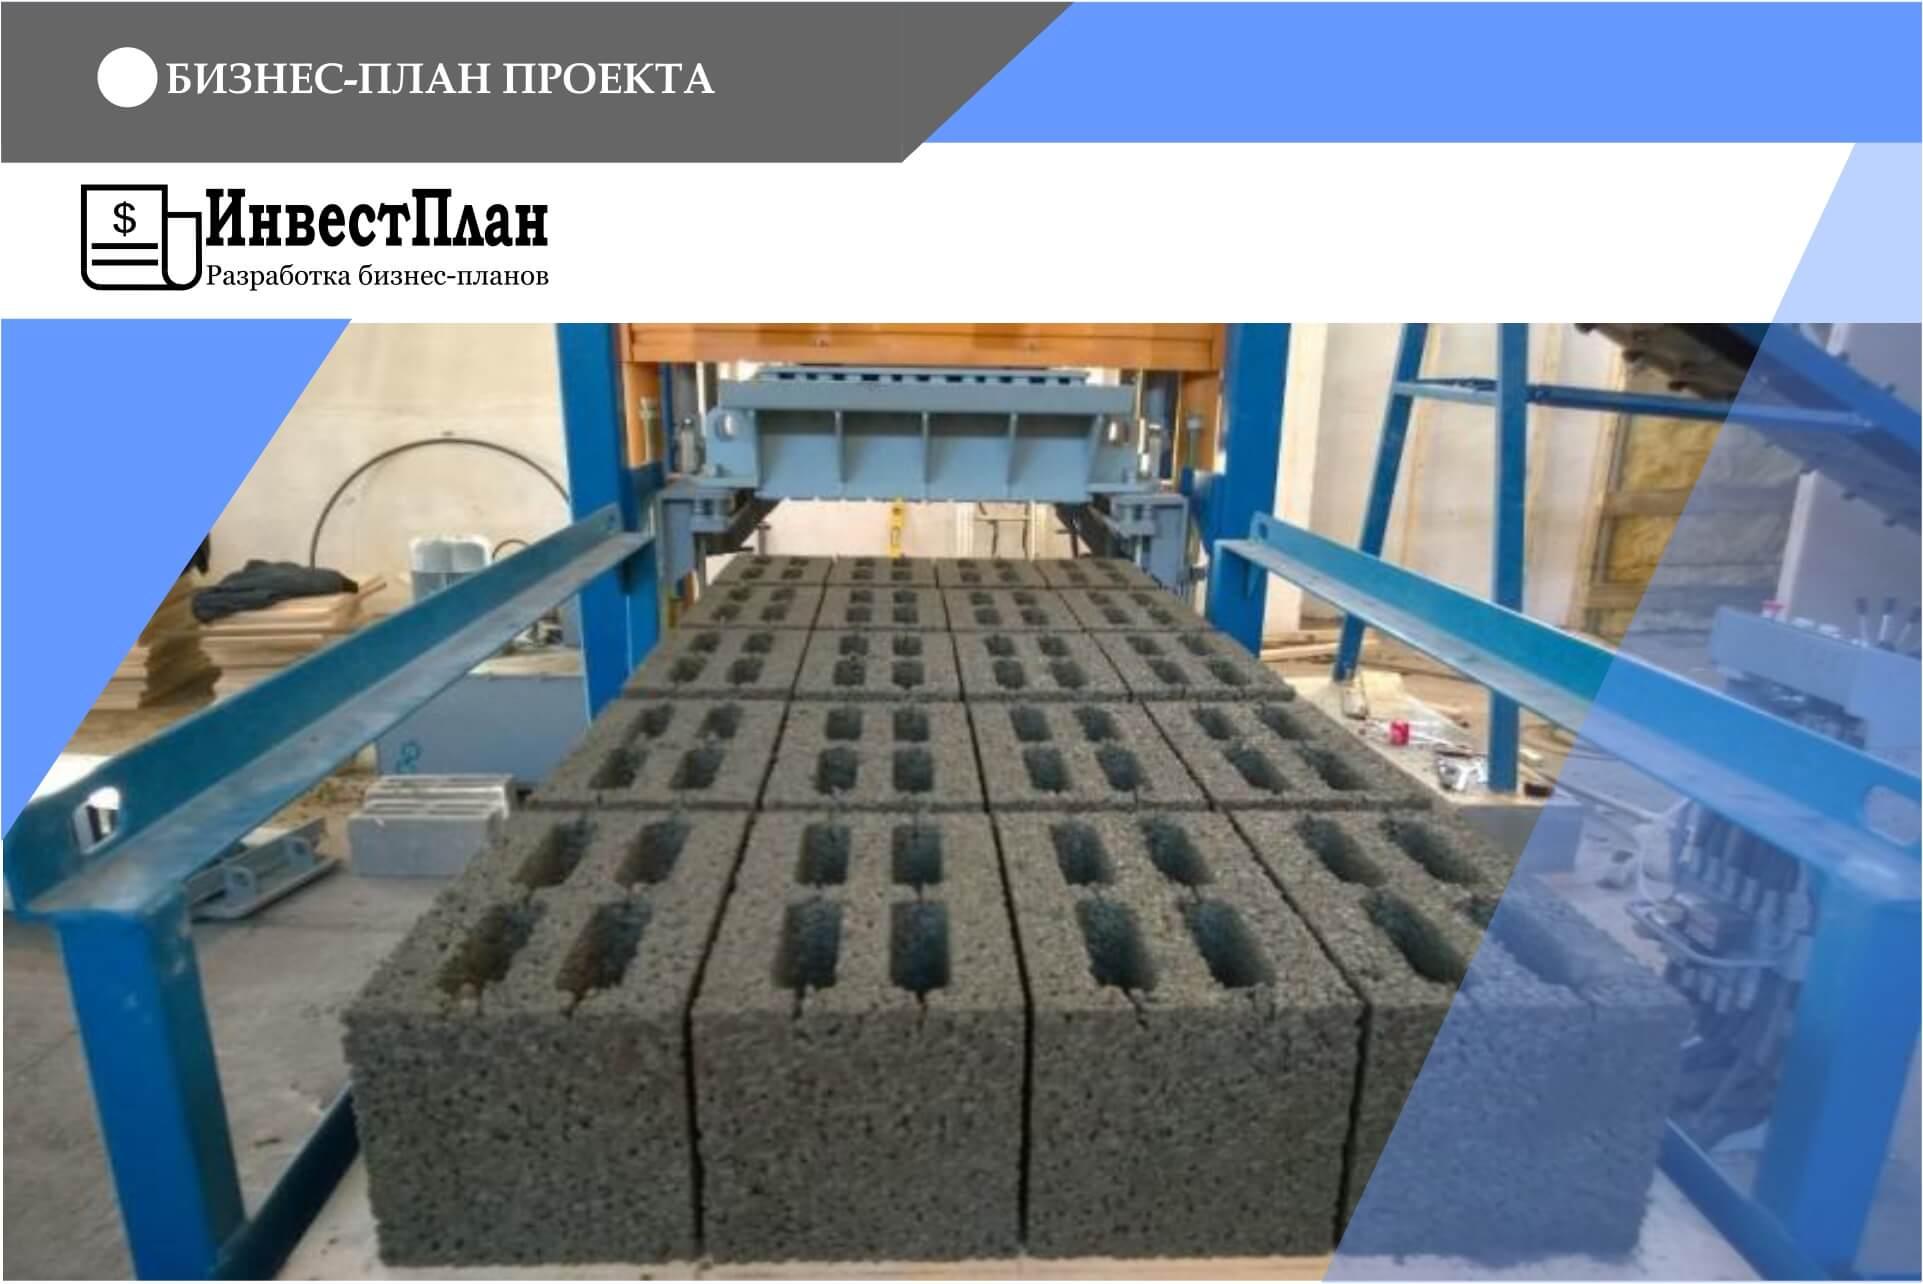 Бизнес-план по производству бетонных изделий (стеновые, перегородочные камни) и производства товарного бетона.